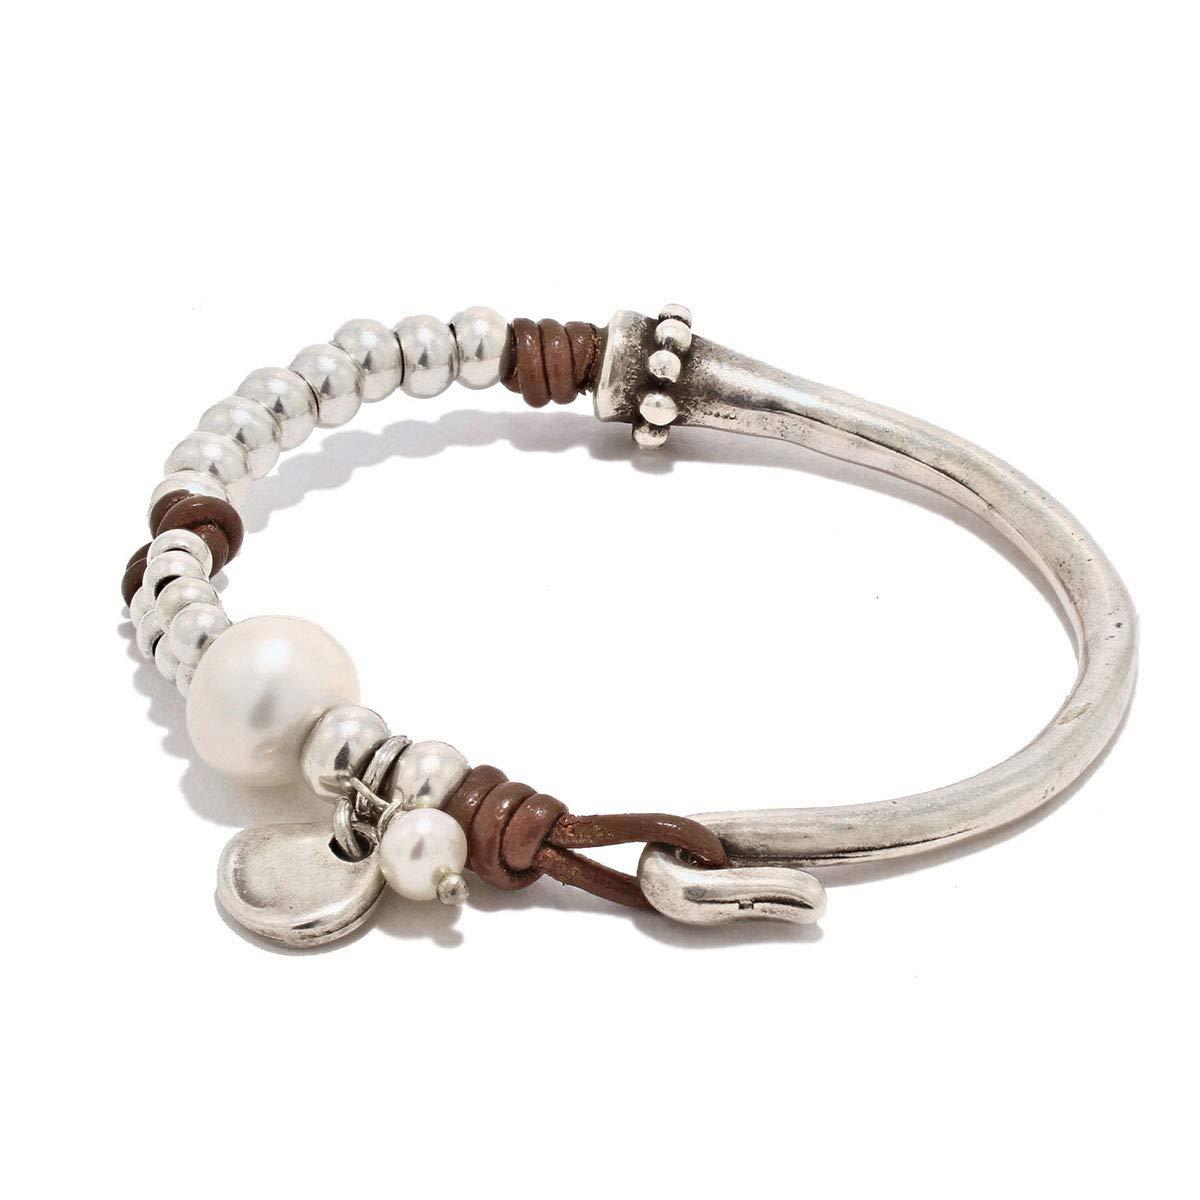 Pulsera hecha a mano con cuero y perla de río natural de Intendenciajewels - Pulsera de perla - Pulsera de cuero y abalorios - Regalo para mujer - Pulsera de cuero y perlas -